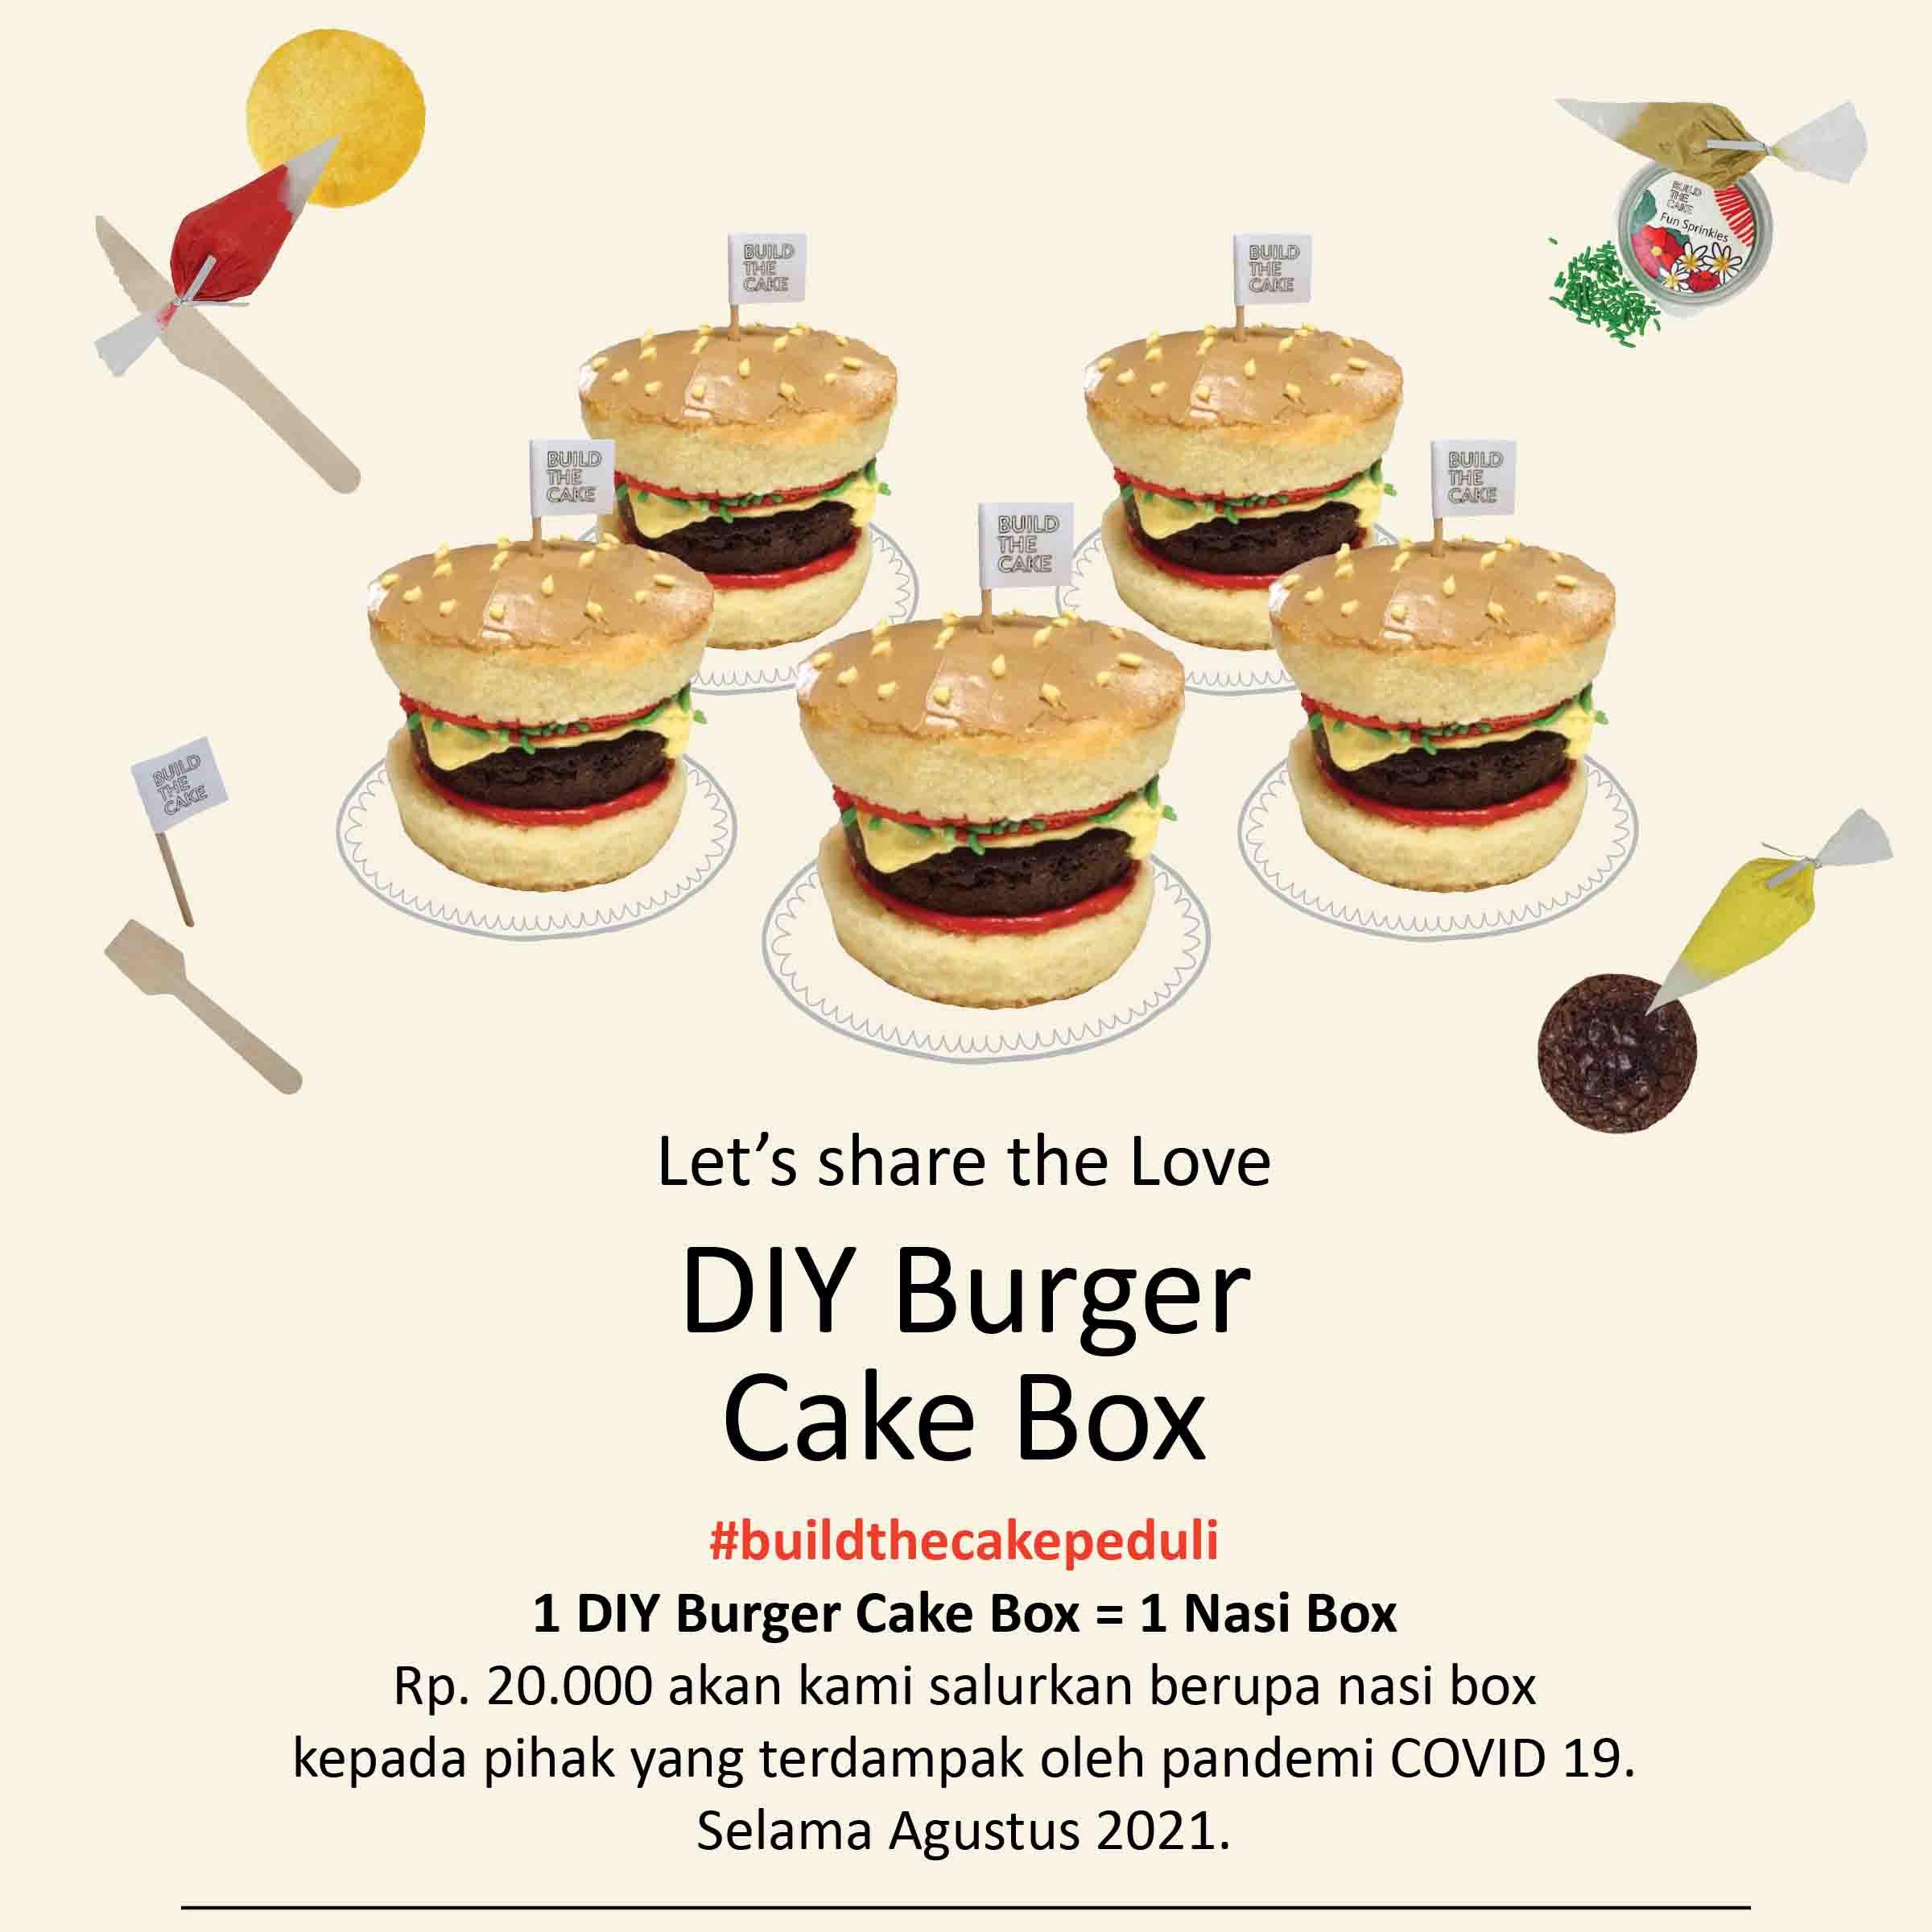 Burger Cake Box